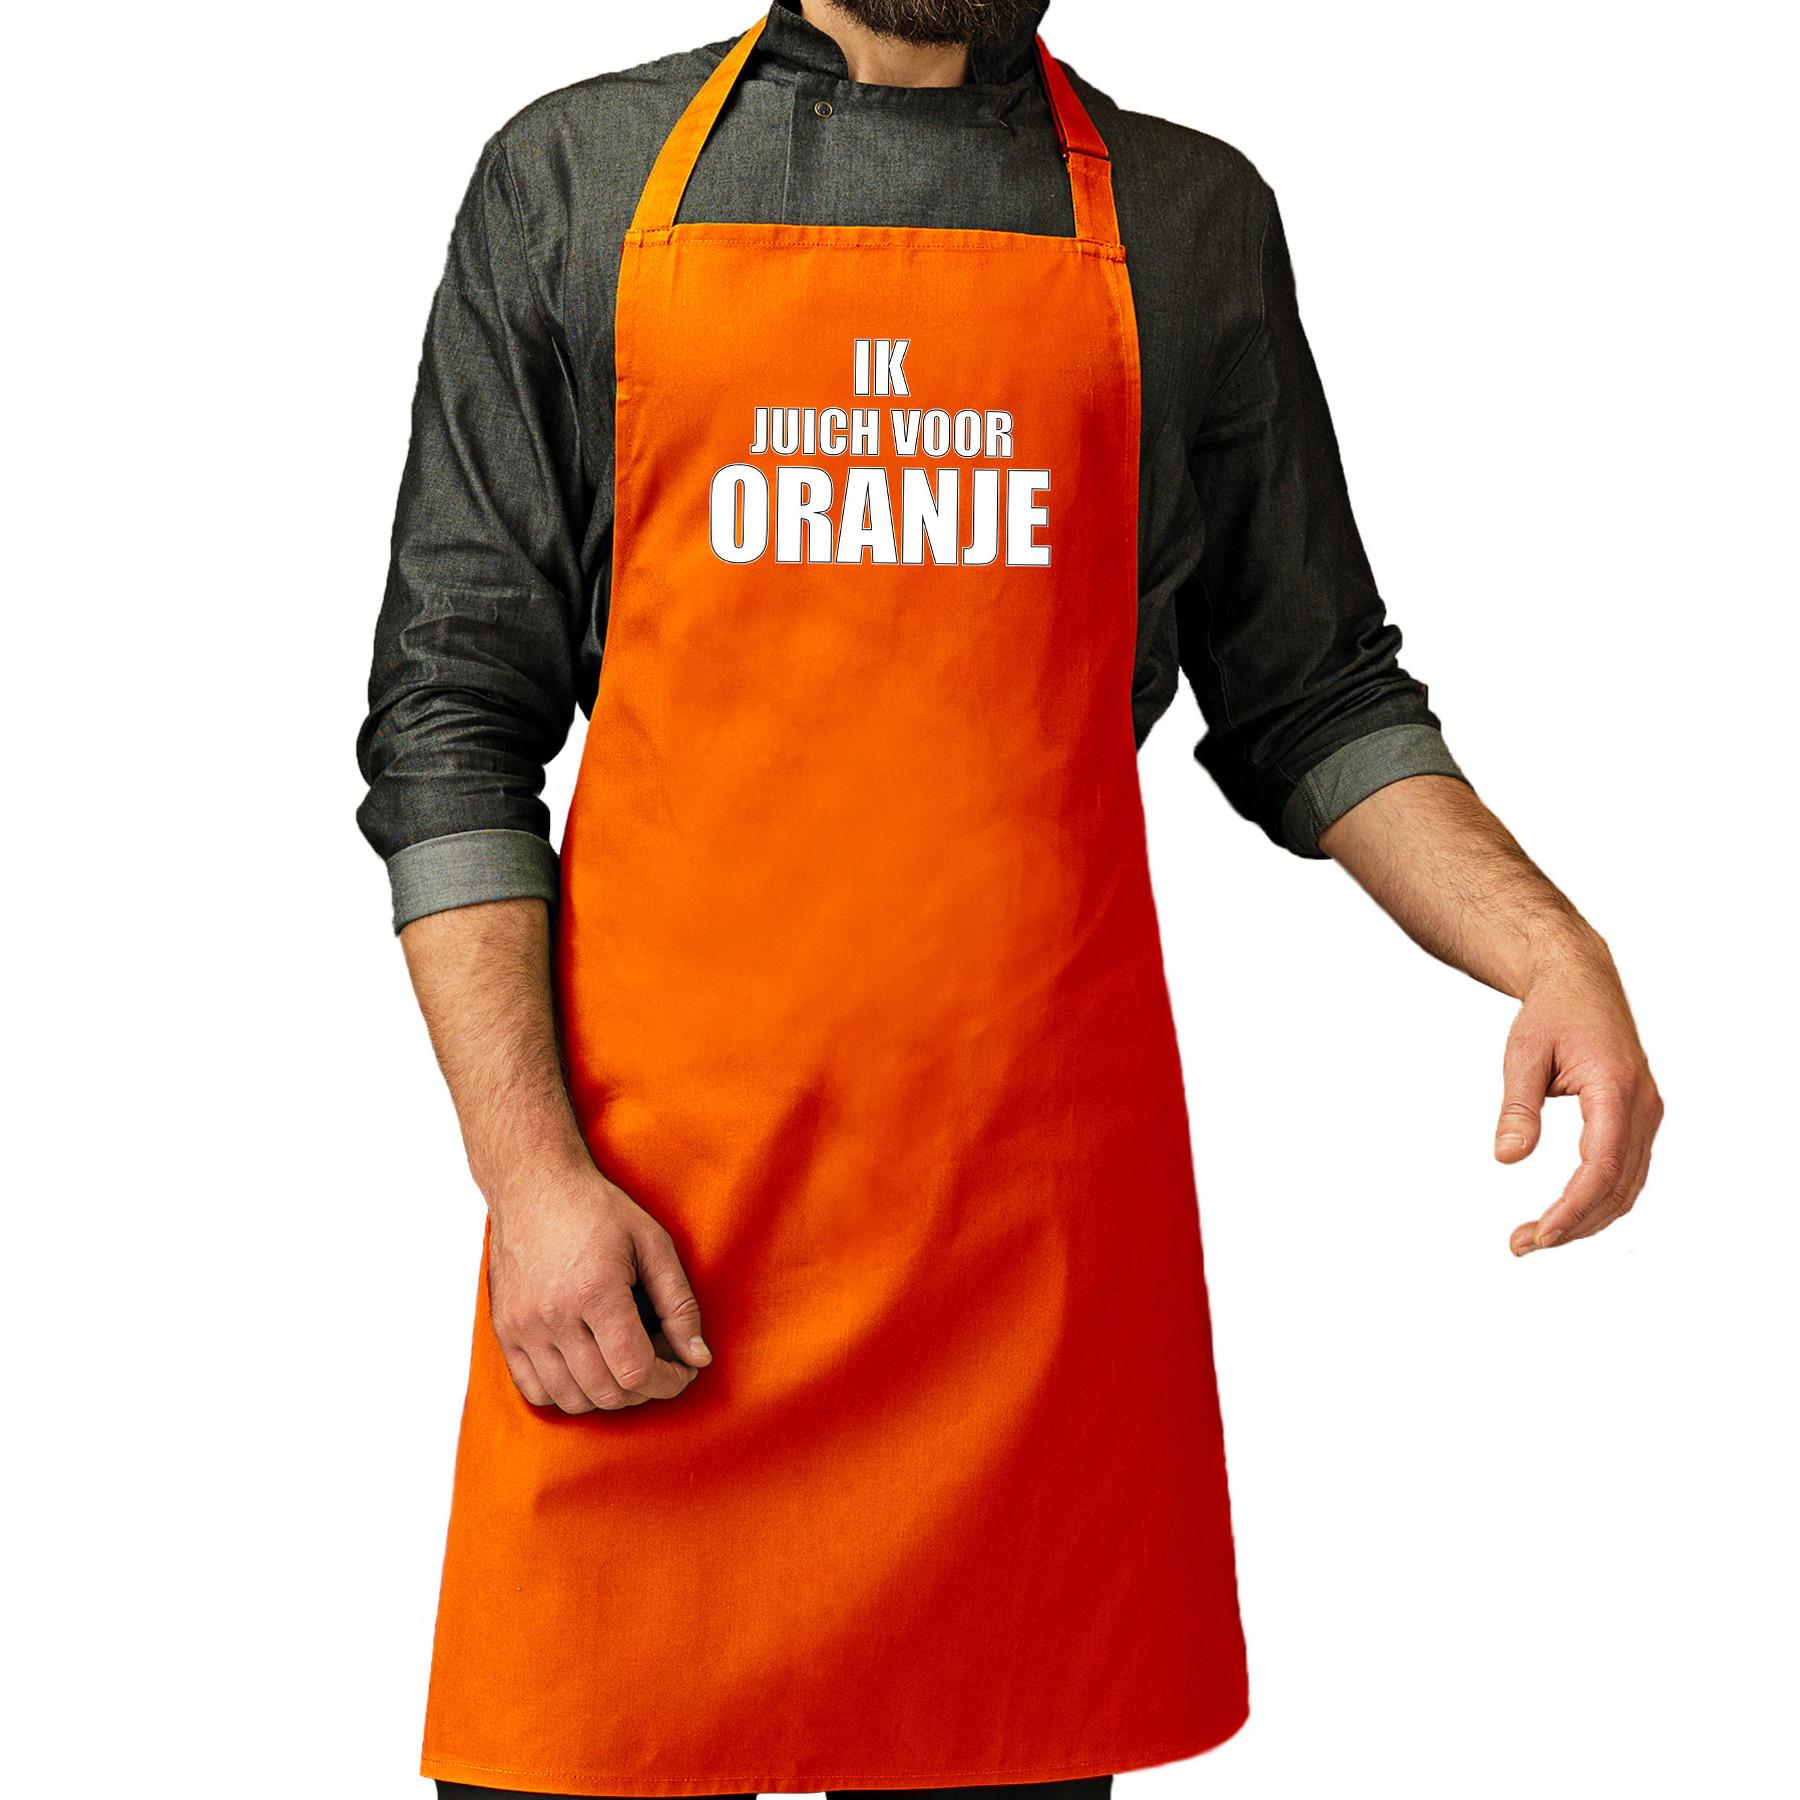 Ik juich voor oranje katoenen cadeau schort oranje EK/ WK voetbal voor dames en heren